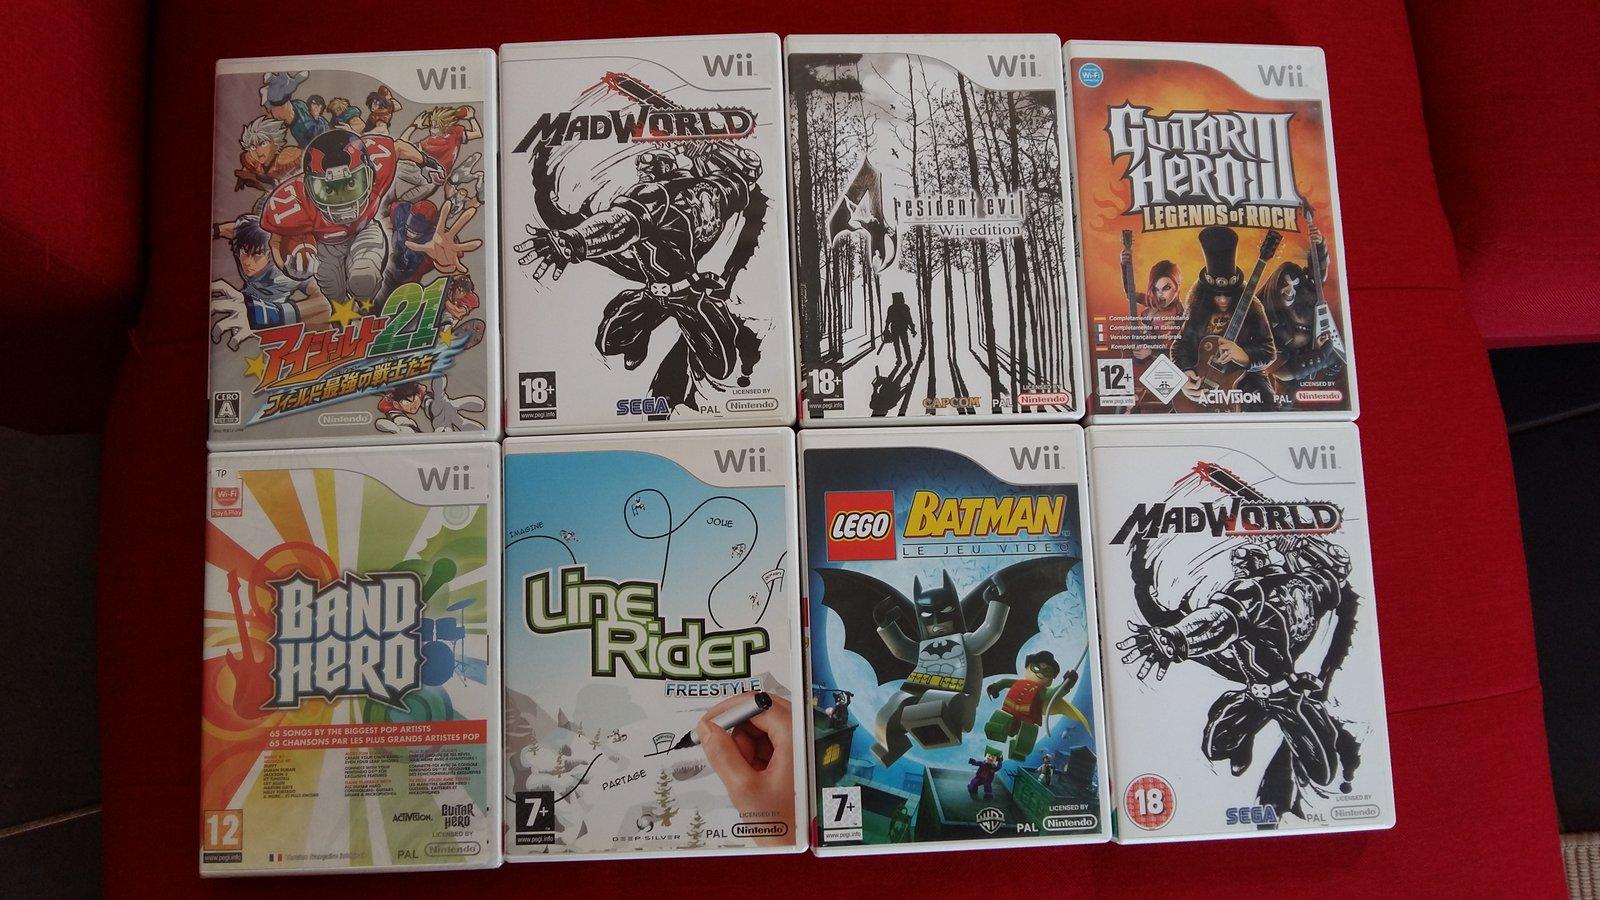 [VDS] Lot Jeux WiiU + Jeux Gamecube et Wii - Page 2 190624093127411884